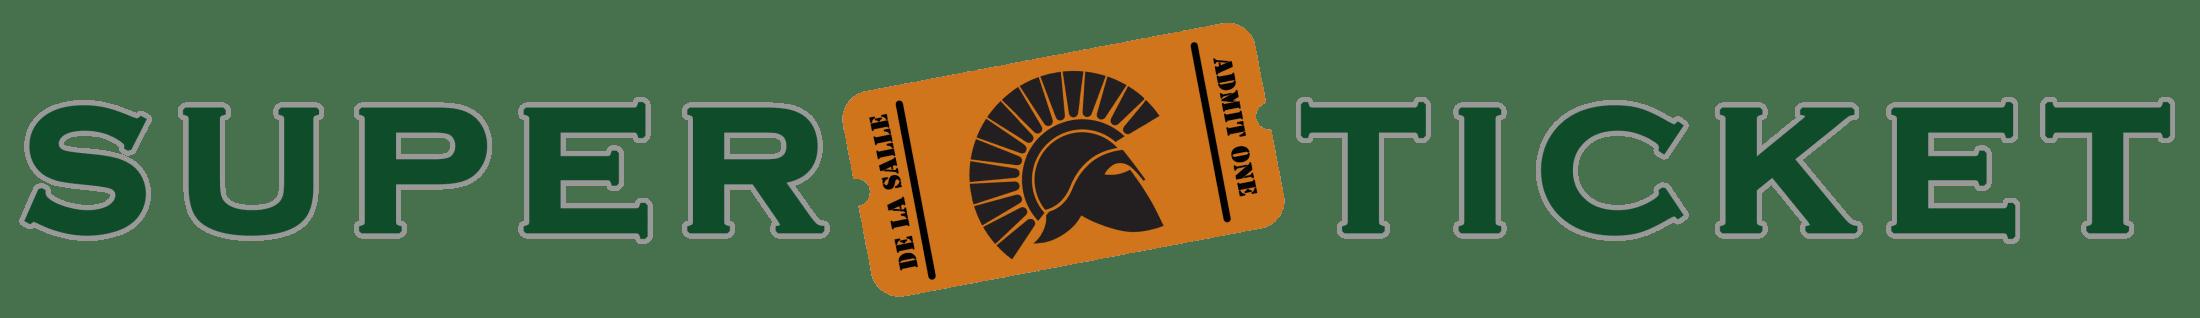 Super Ticket Logo